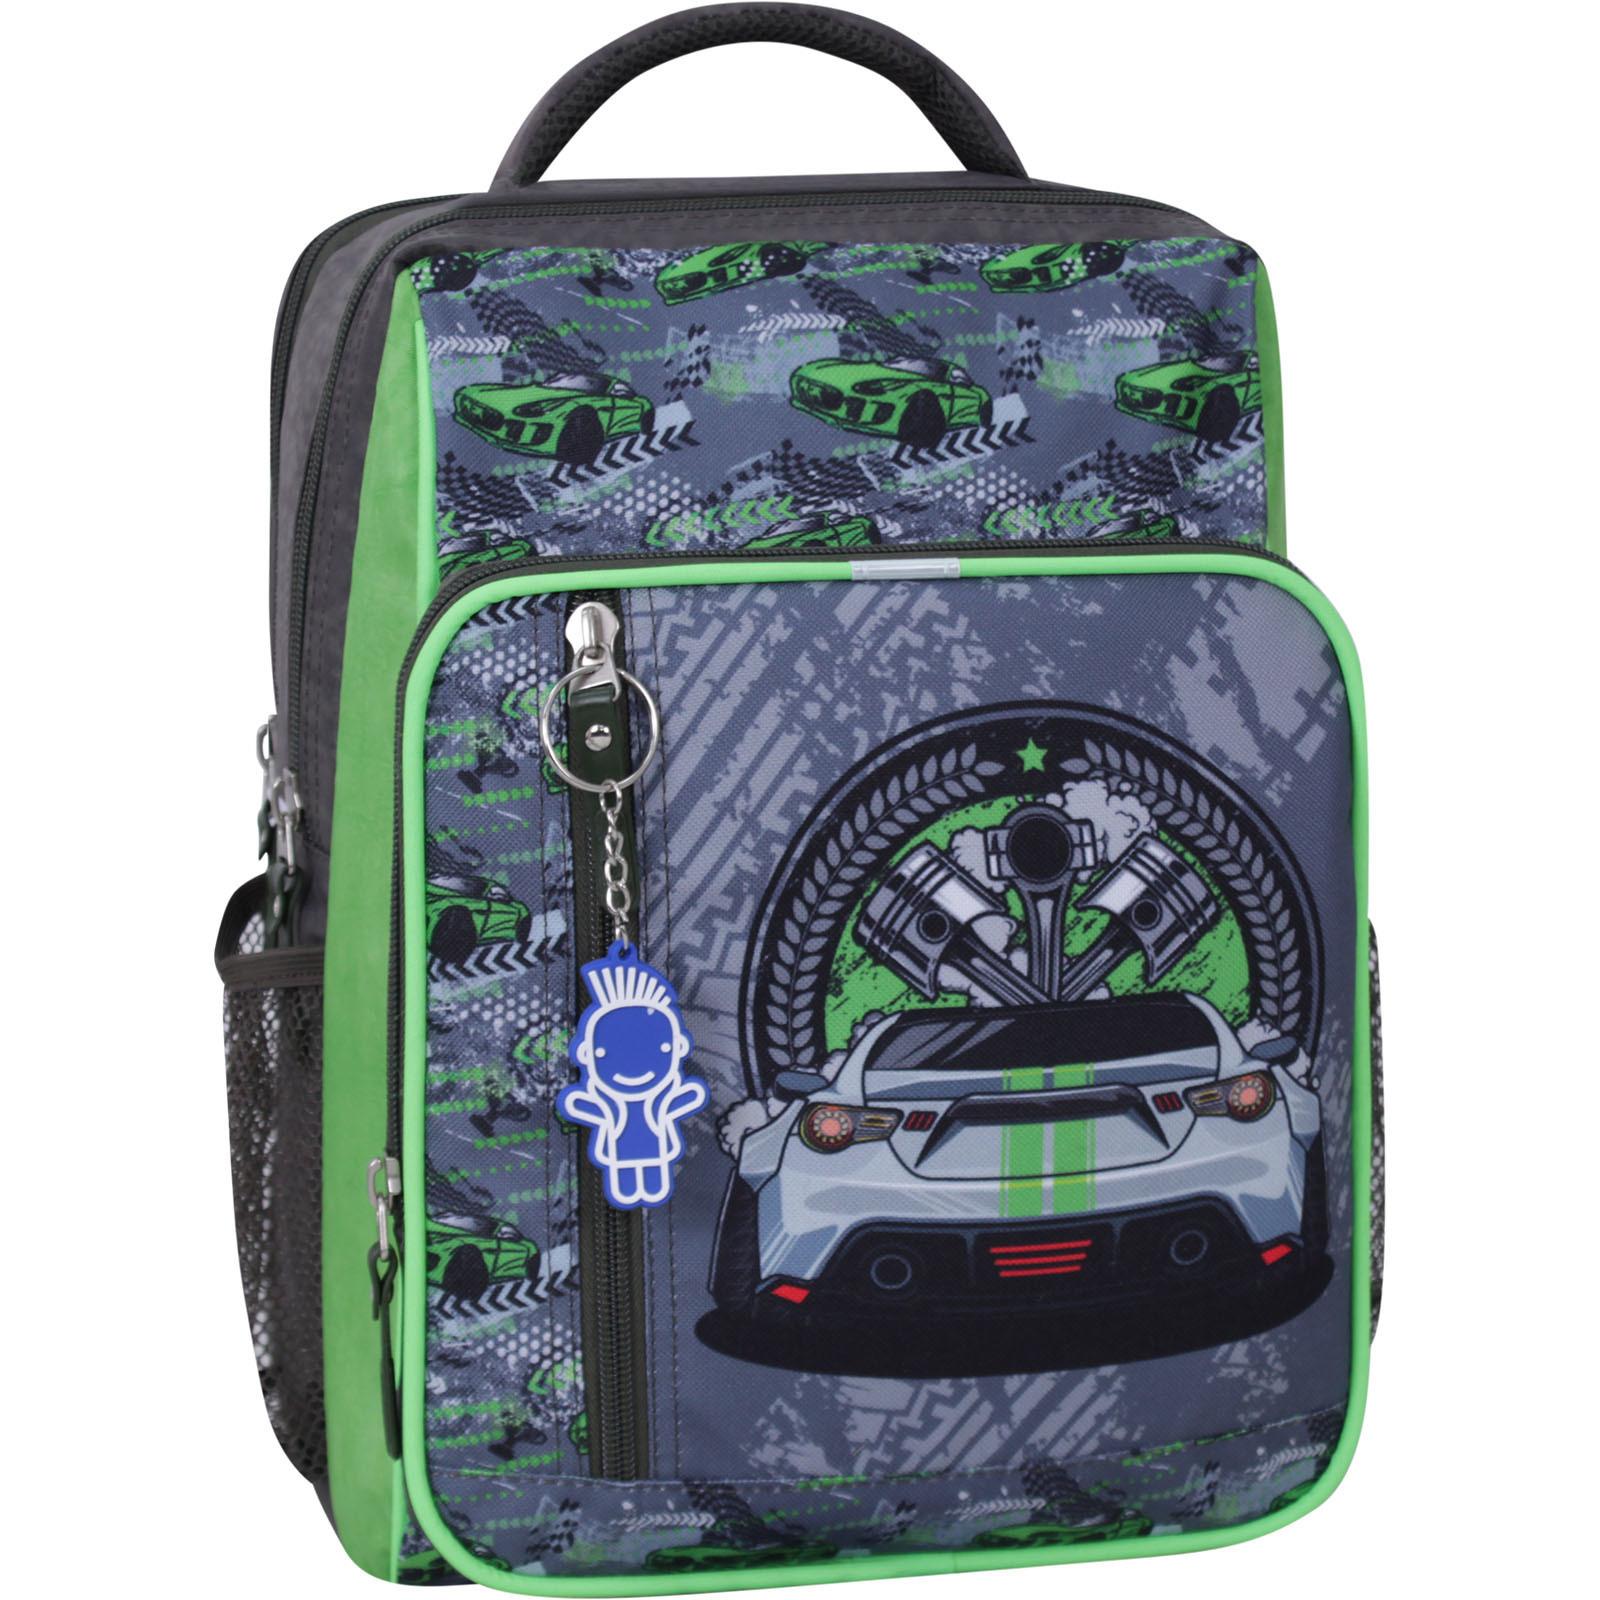 Детские рюкзаки Рюкзак школьный Bagland Школьник 8 л. хаки 903 (0012870) IMG_0259_суб_903_-1600.jpg